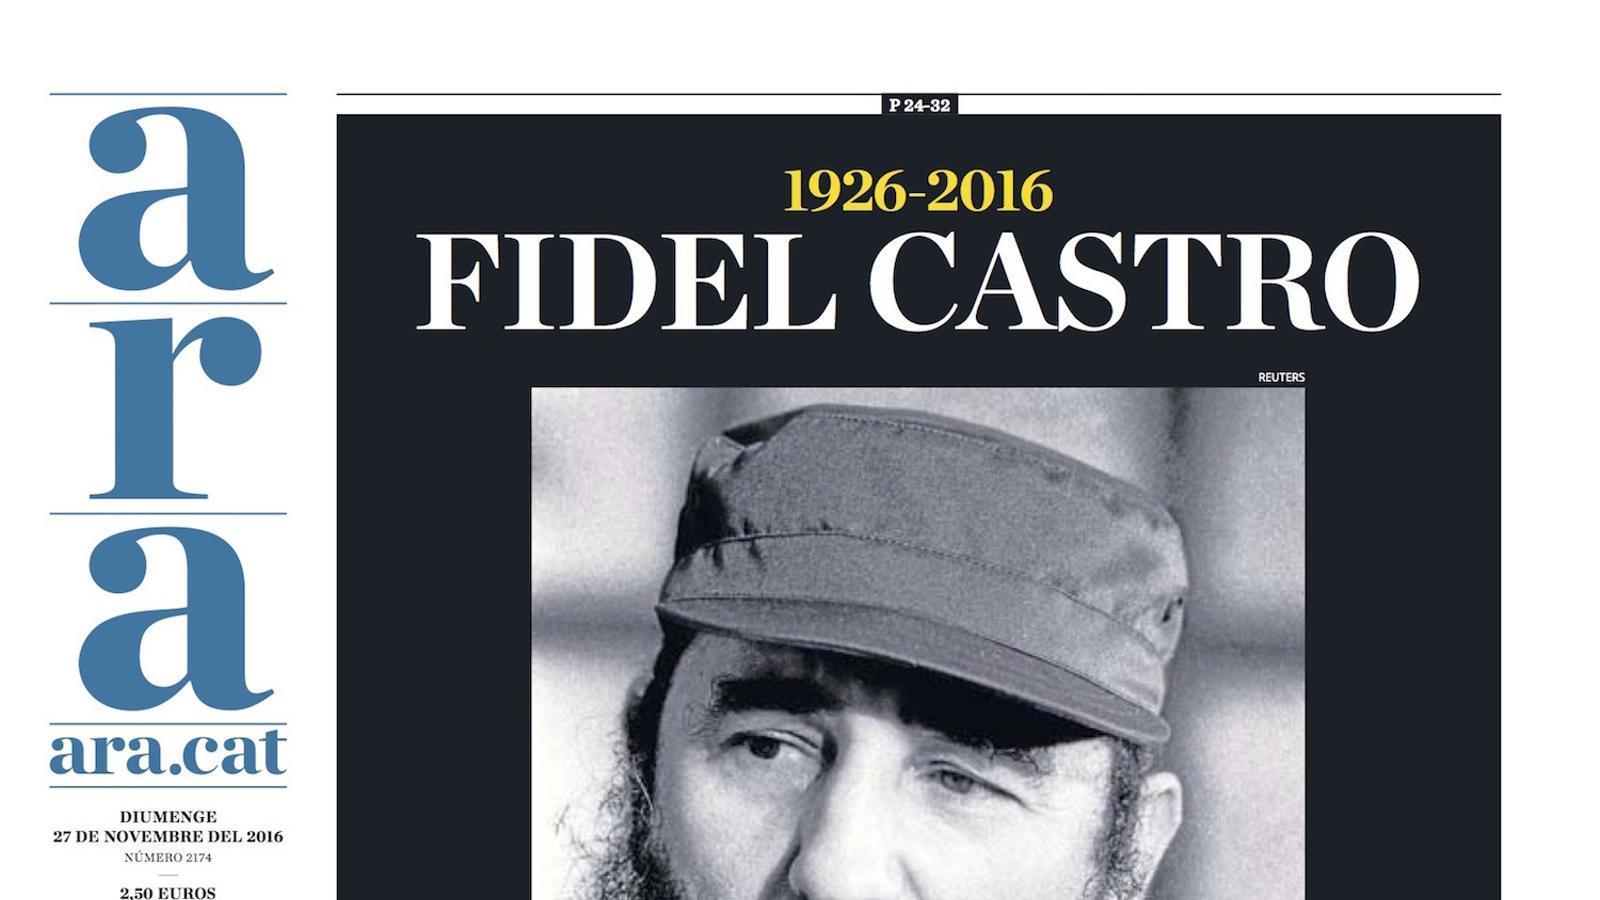 """""""Fidel Castro: la història l'absoldrà?"""", portada de l'ARA"""